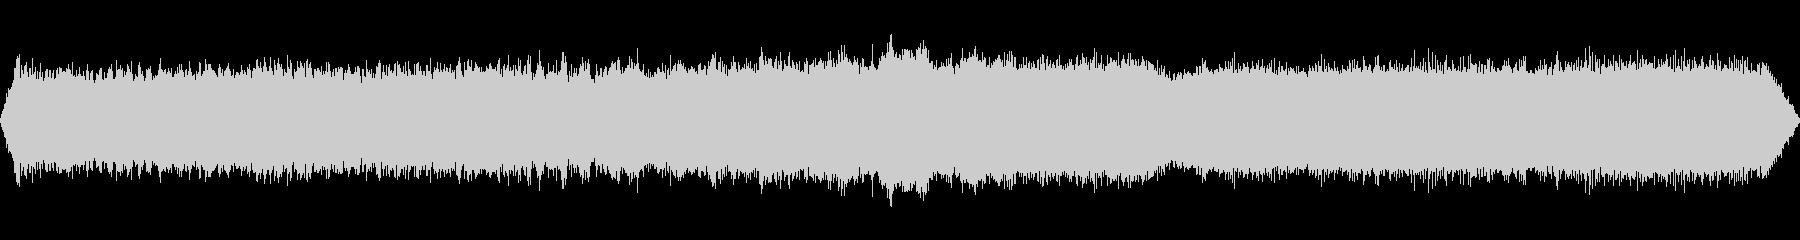 ネイビーフリゲート:オンボード:低...の未再生の波形